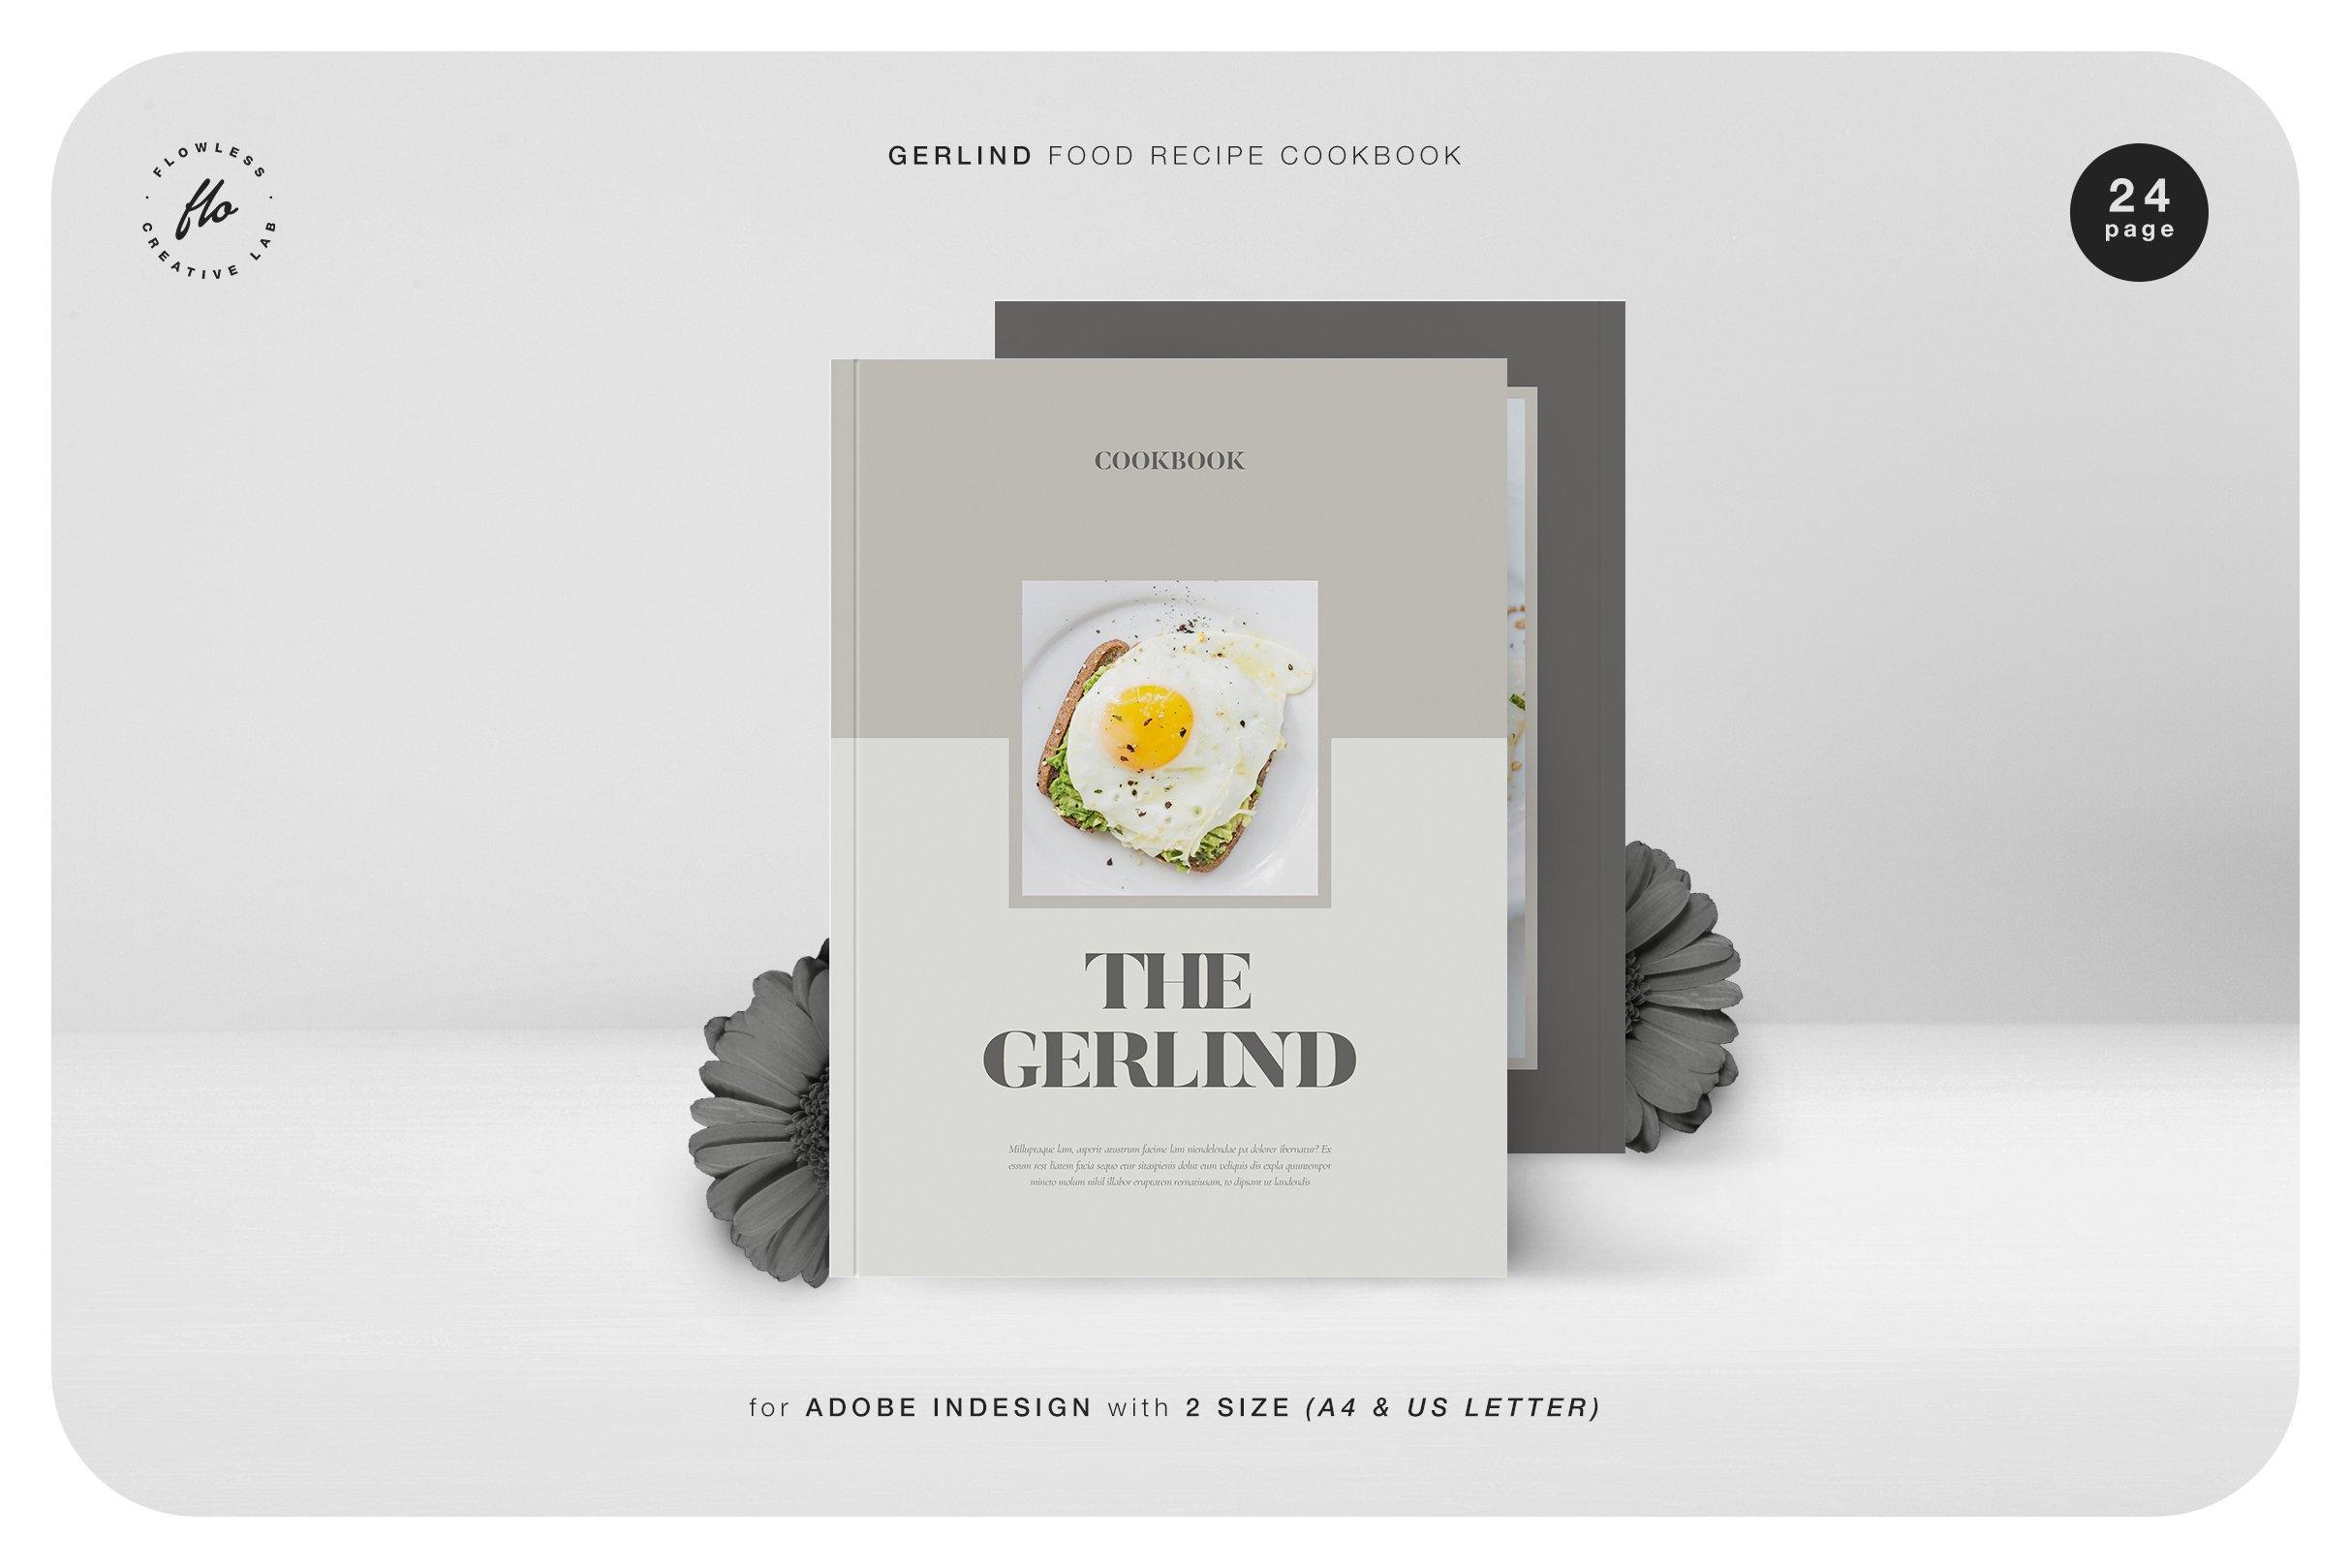 美食食谱菜单设计INDD画册模板 GERLIND Food Recipe Cookbook插图